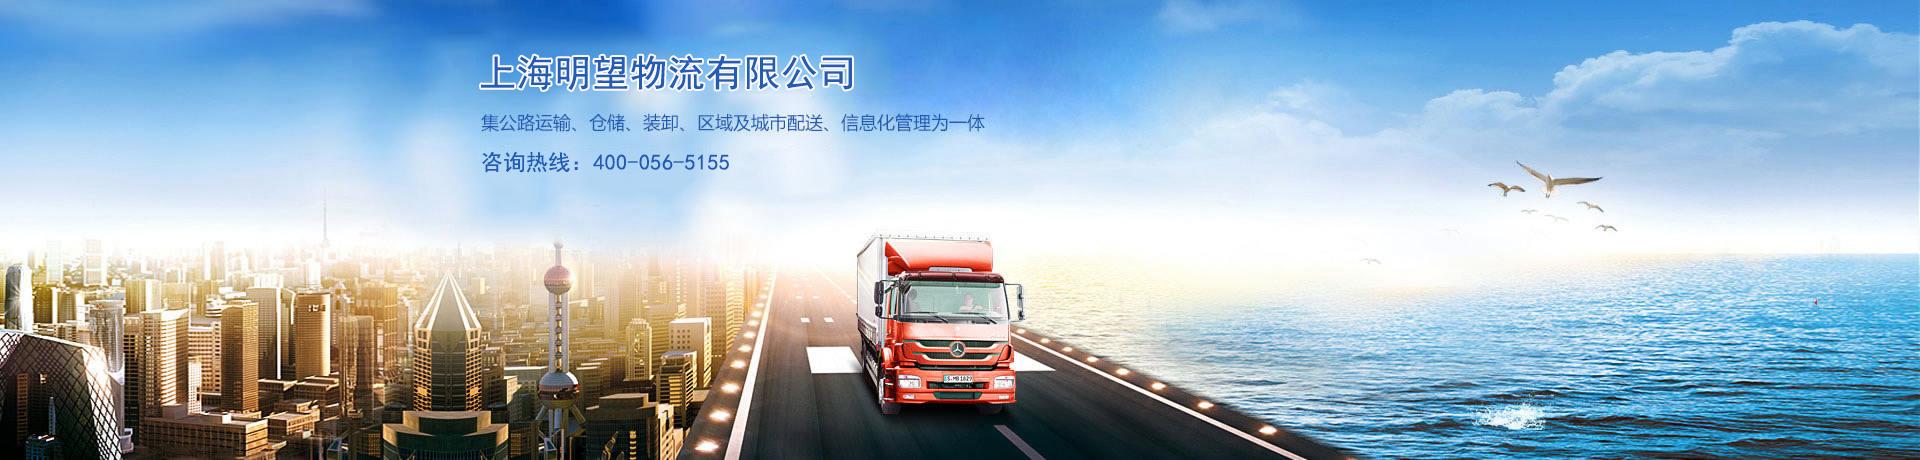 上海专线运输